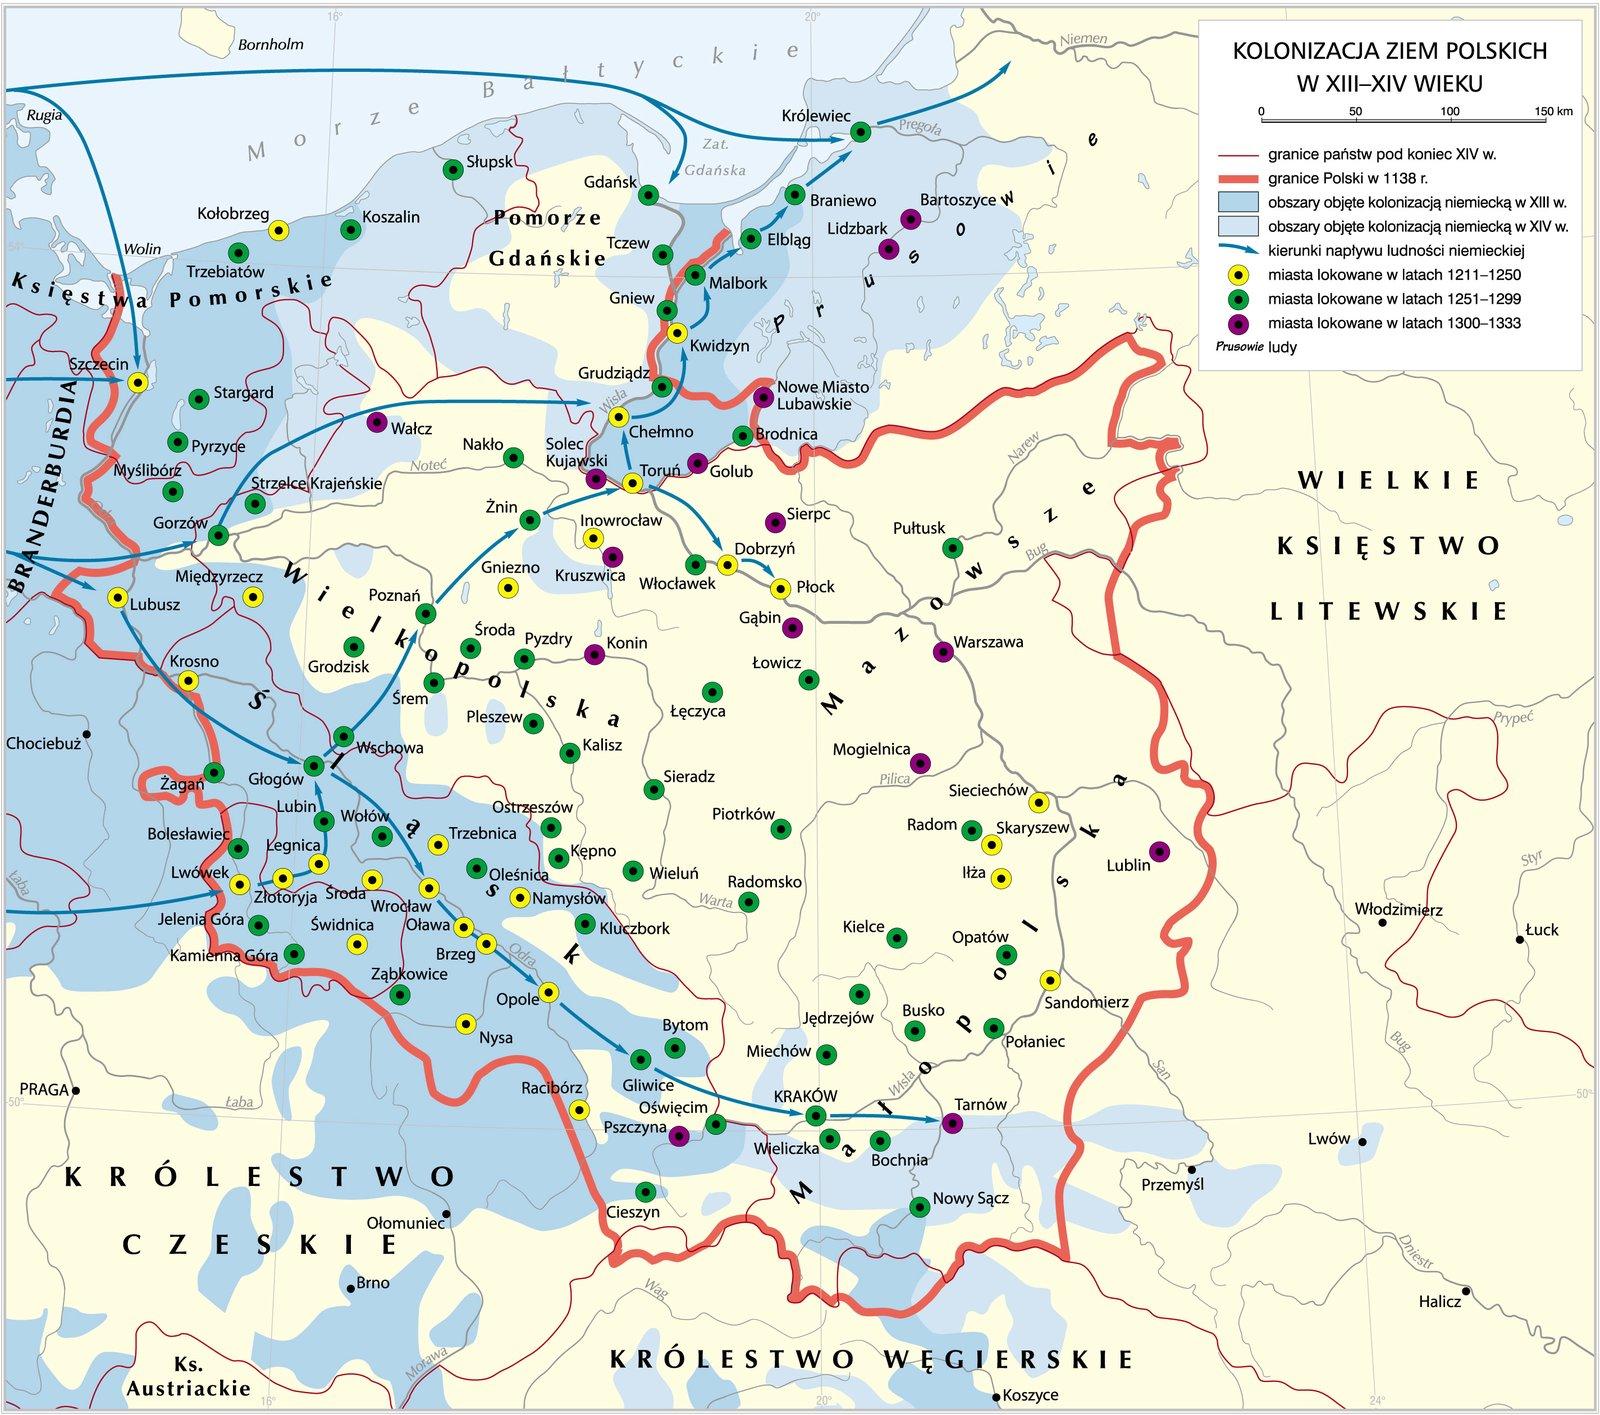 Kolonizacja ziem polskich wXIII–XIV wieku Źródło: Krystian Chariza izespół, Kolonizacja ziem polskich wXIII–XIV wieku, licencja: CC BY 3.0.